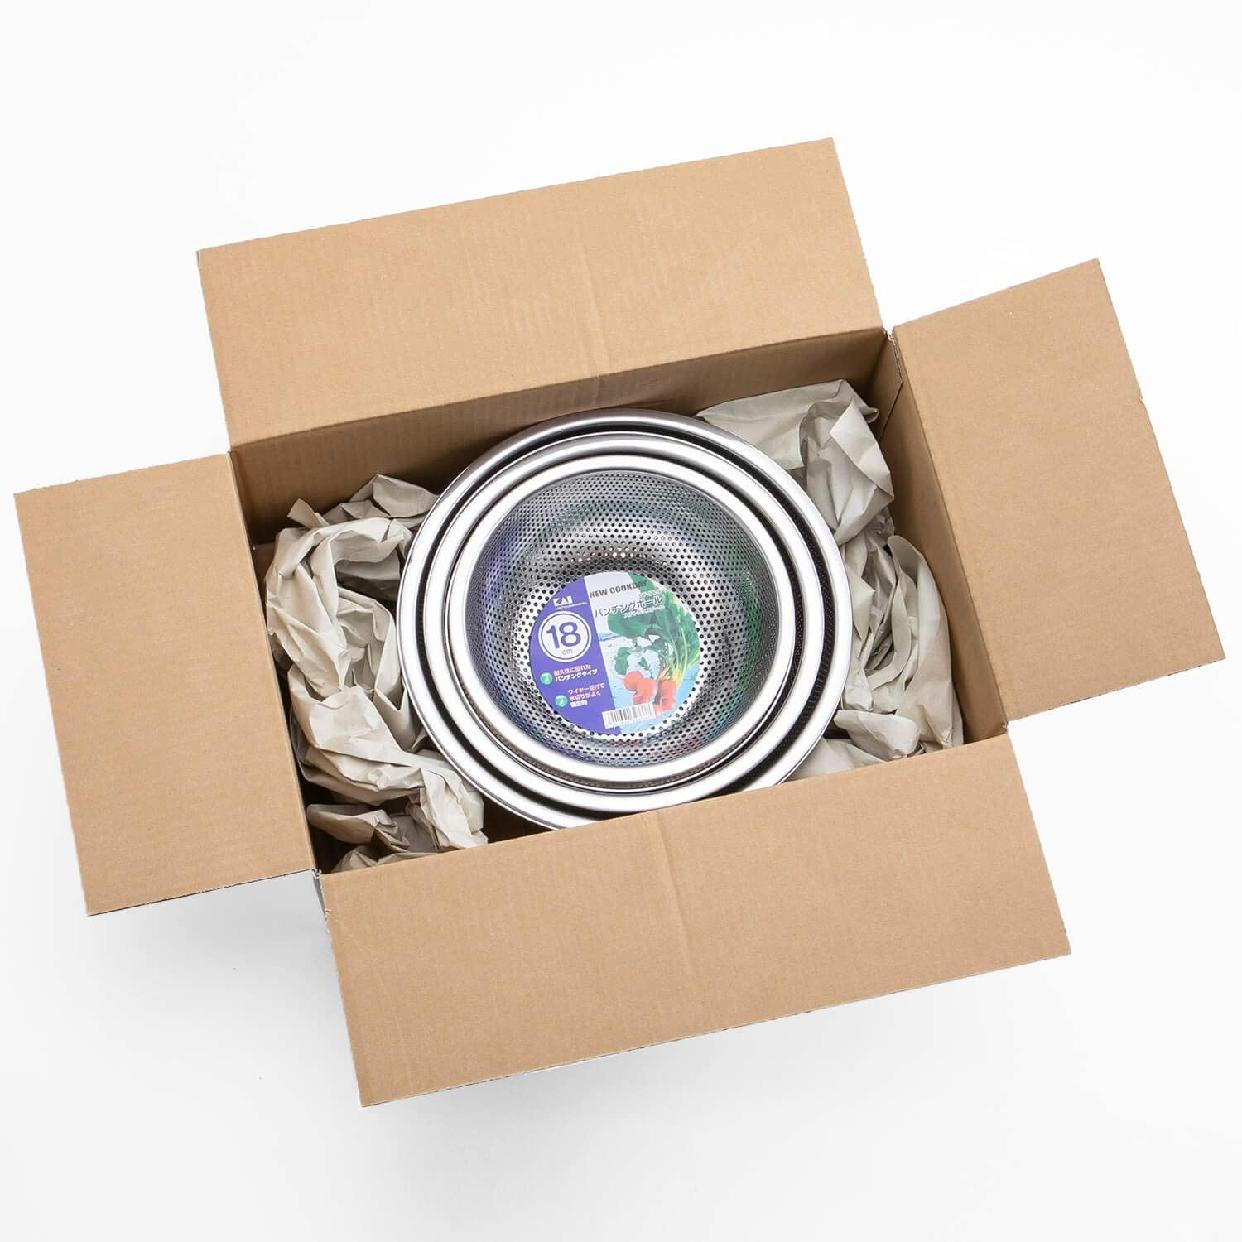 貝印(KAI) ボウル & パンチング ざる 6個 セットの商品画像8